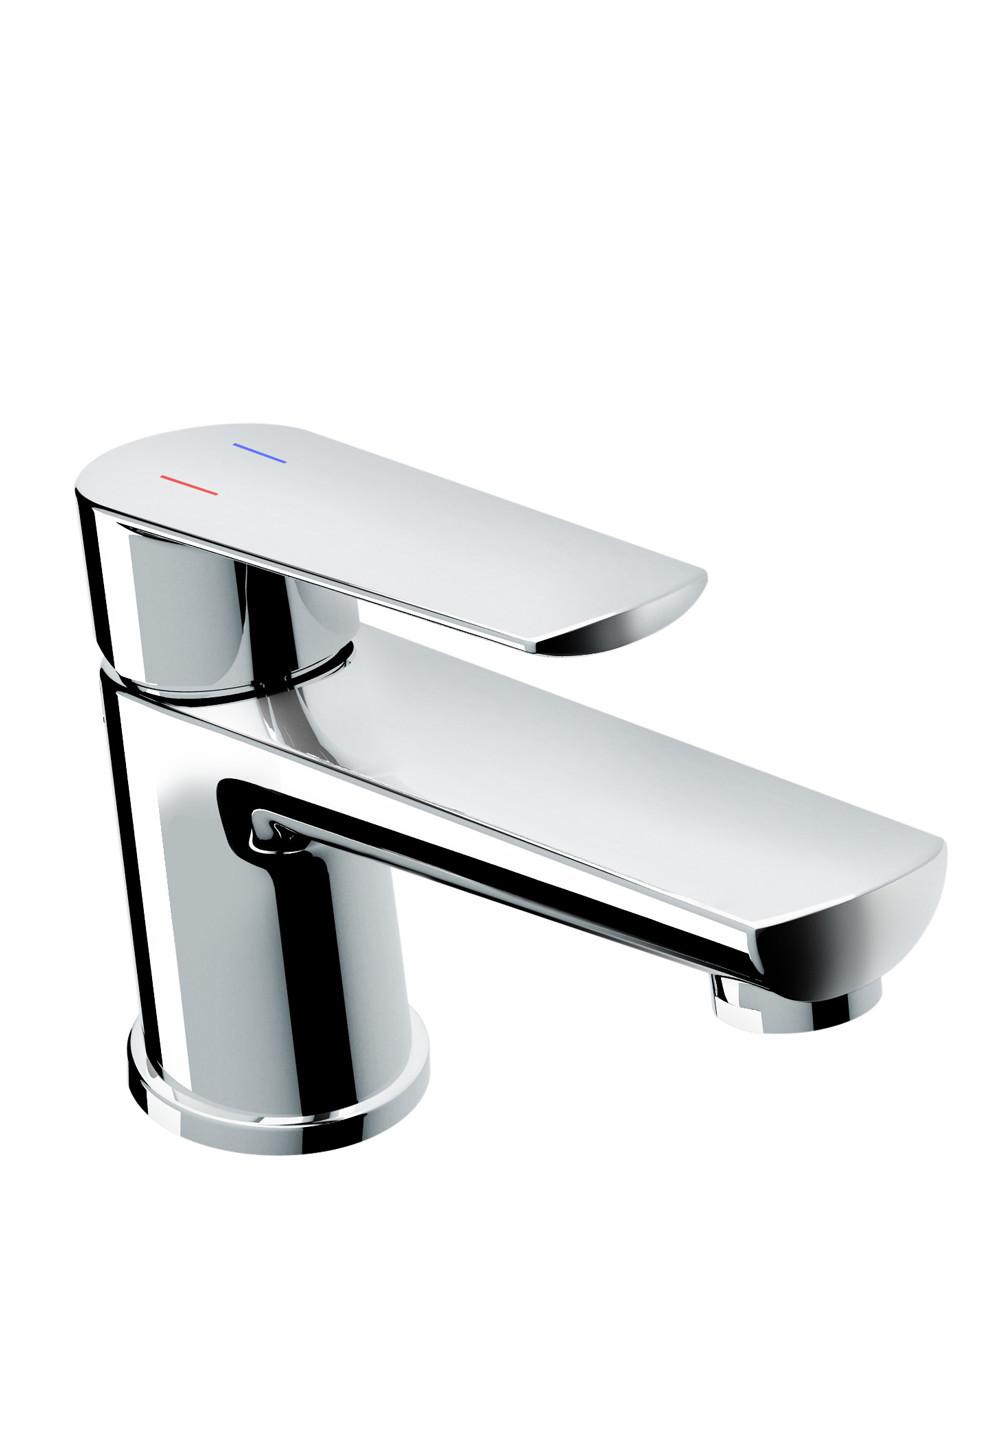 Byt blandare designade tvättställsblandare   hafa badrum